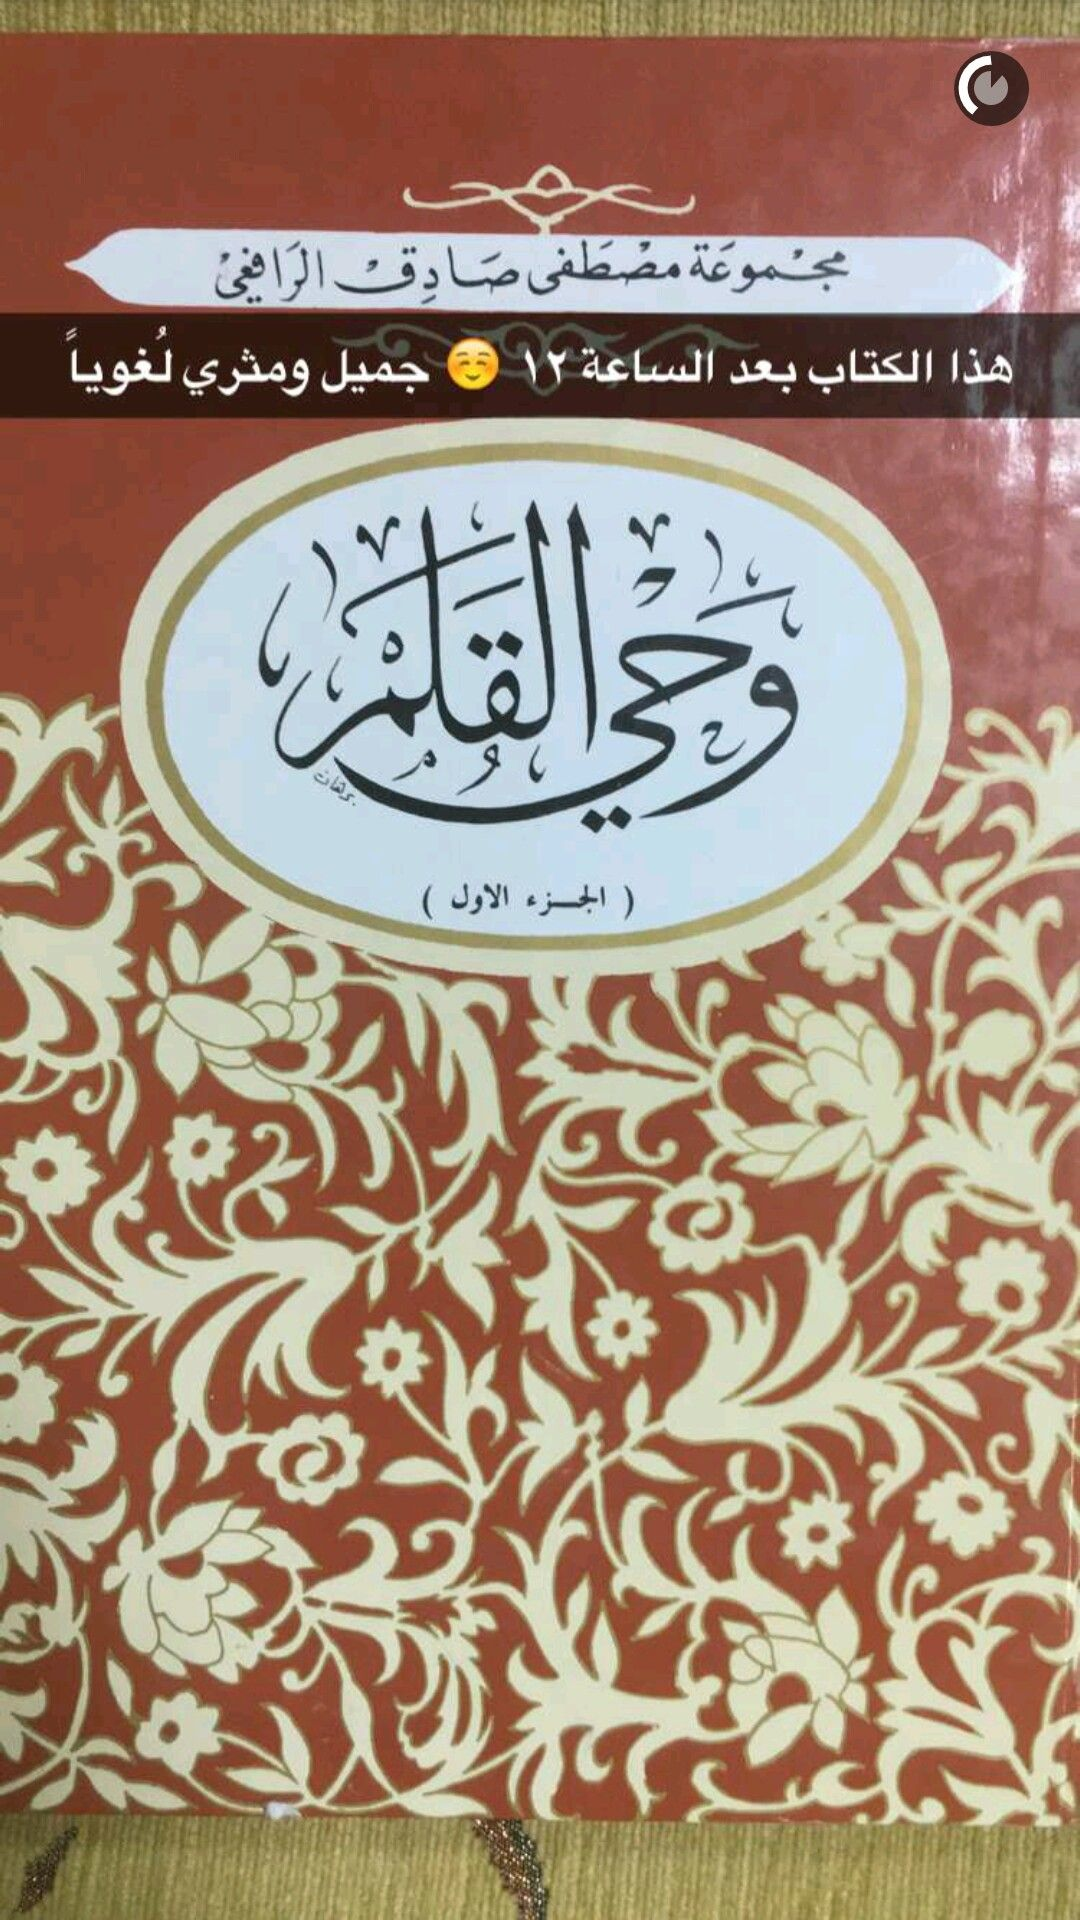 تحميل كتاب وحي القلم مصطفى صادق الرافعي pdf